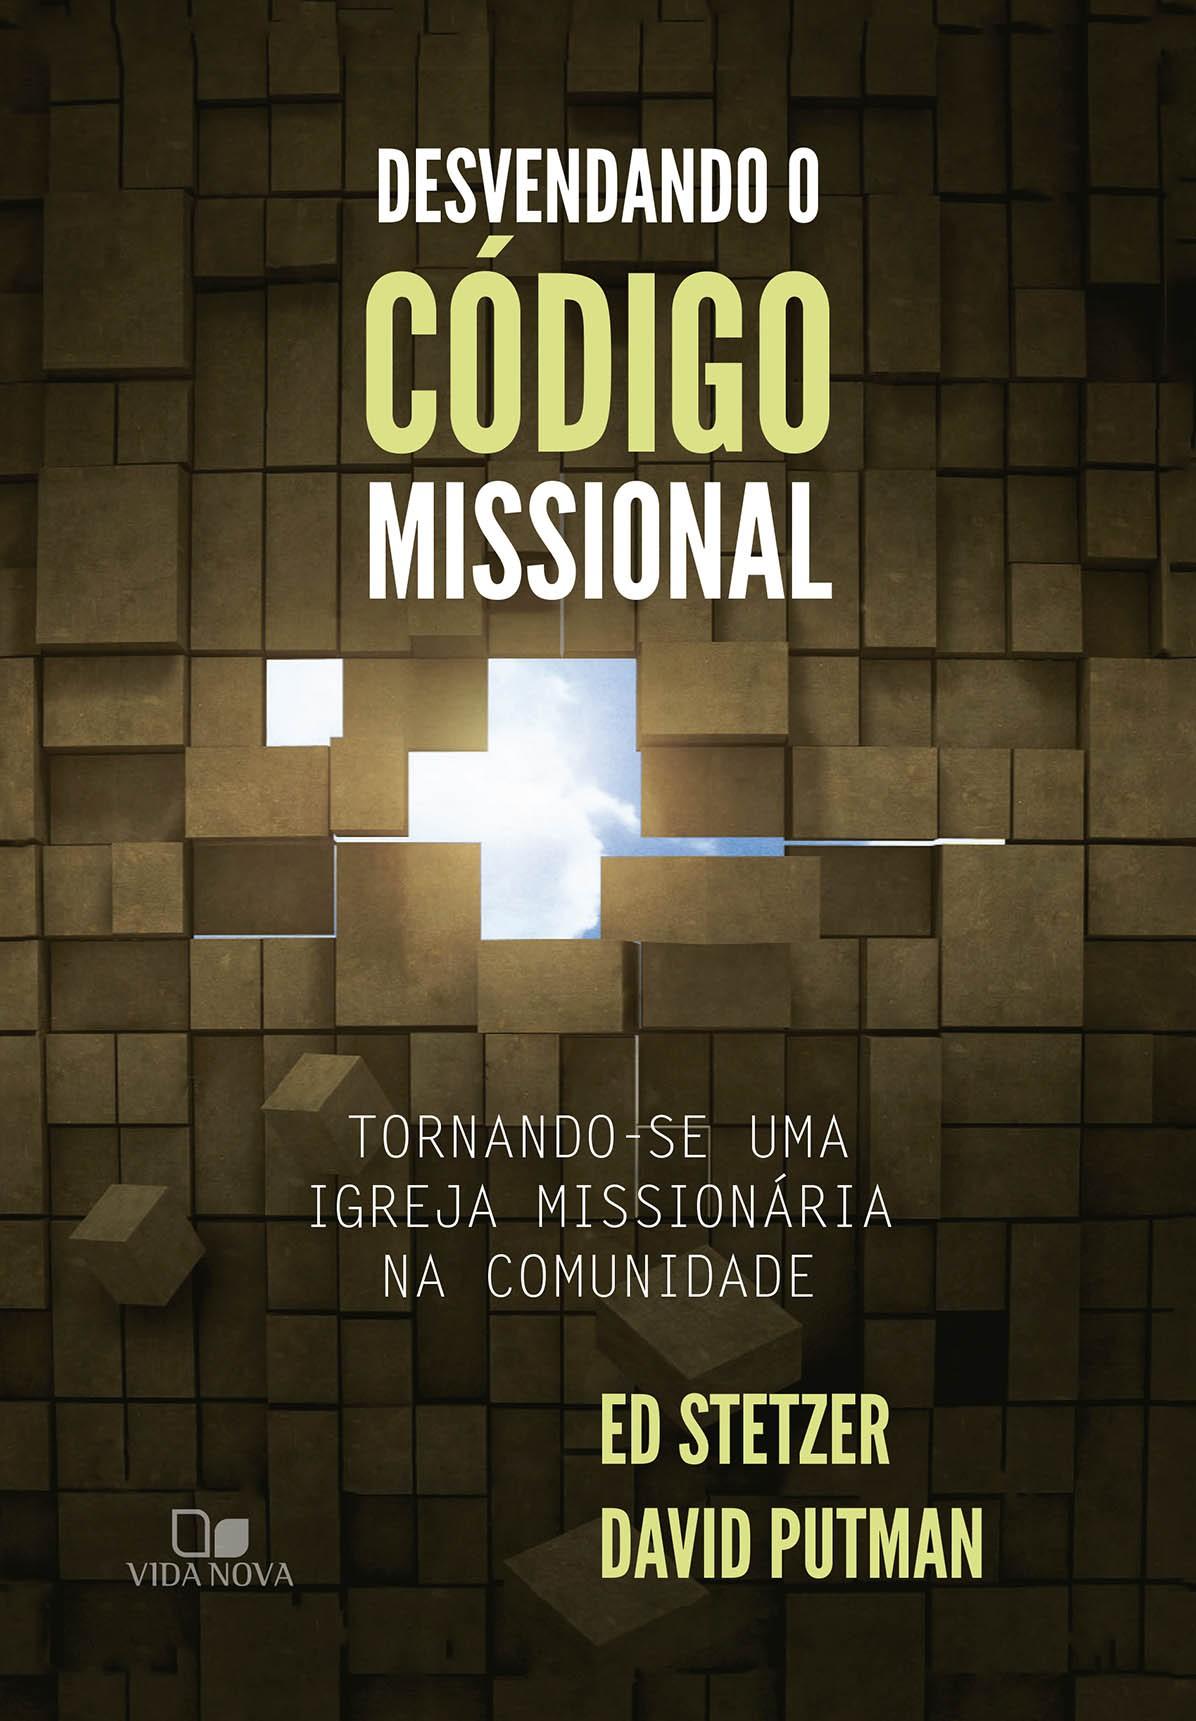 Desvendando o código missional